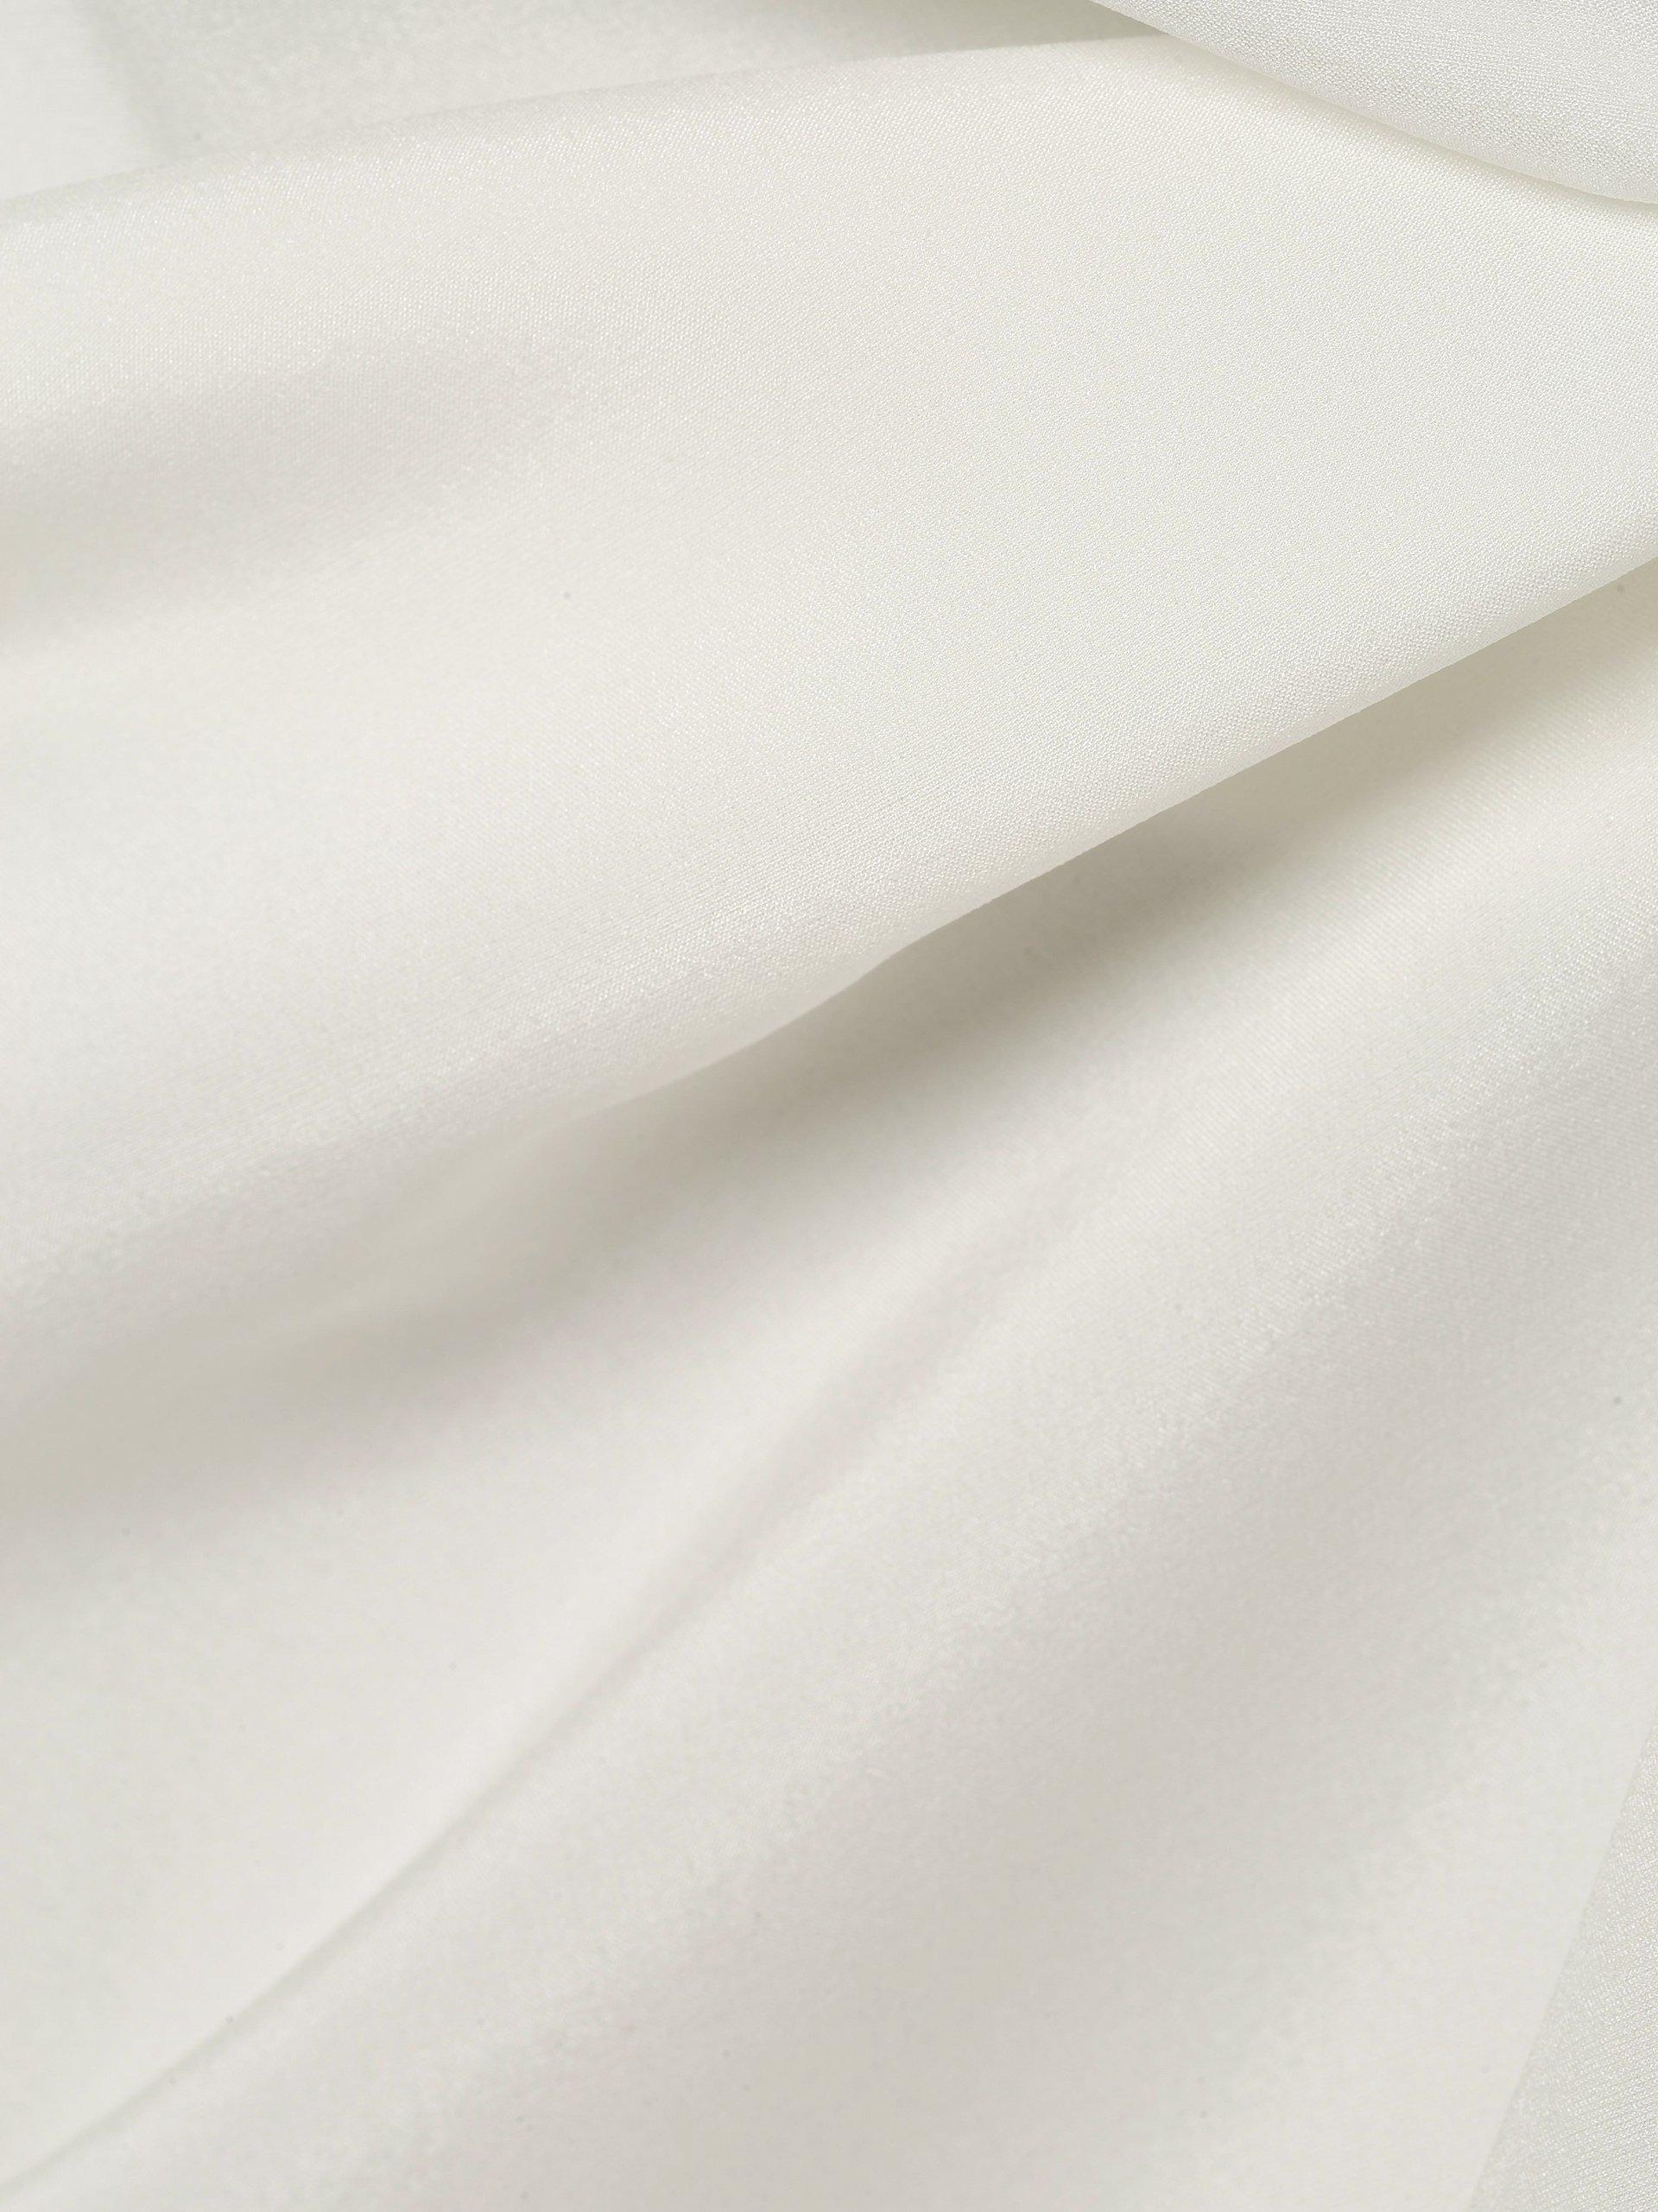 SvB Exquisit Bluzka damska z mieszanki jedwabiu